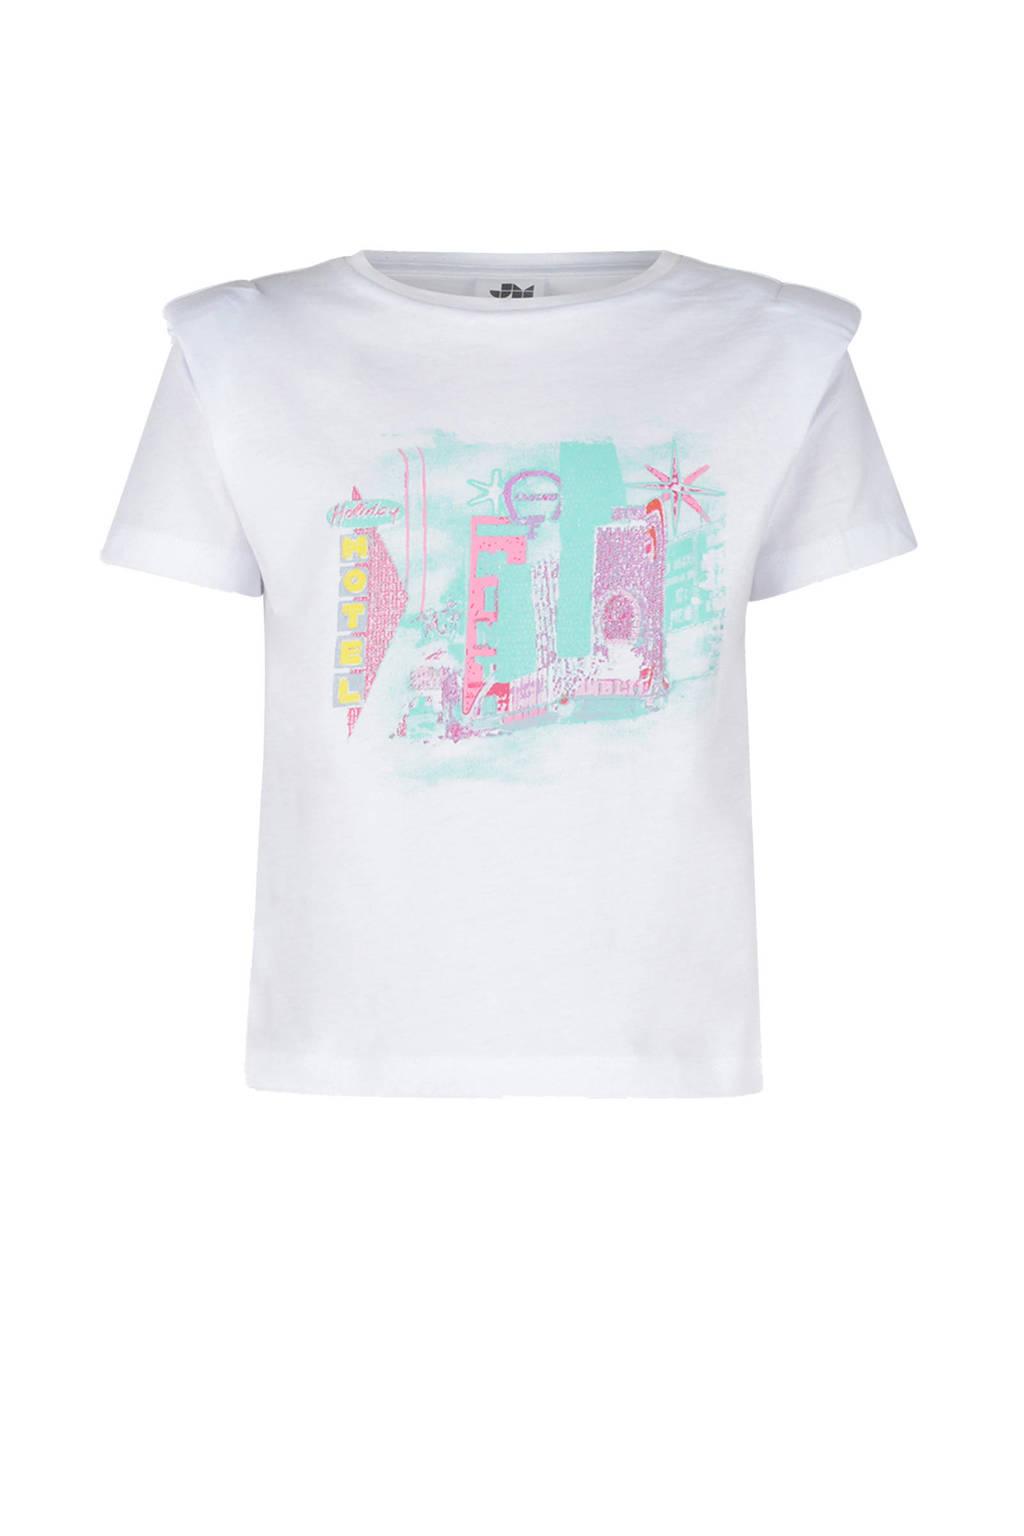 Jill & Mitch by Shoeby T-shirt Franny met printopdruk en schoudervullingen wit/groen/roze, Wit/groen/roze